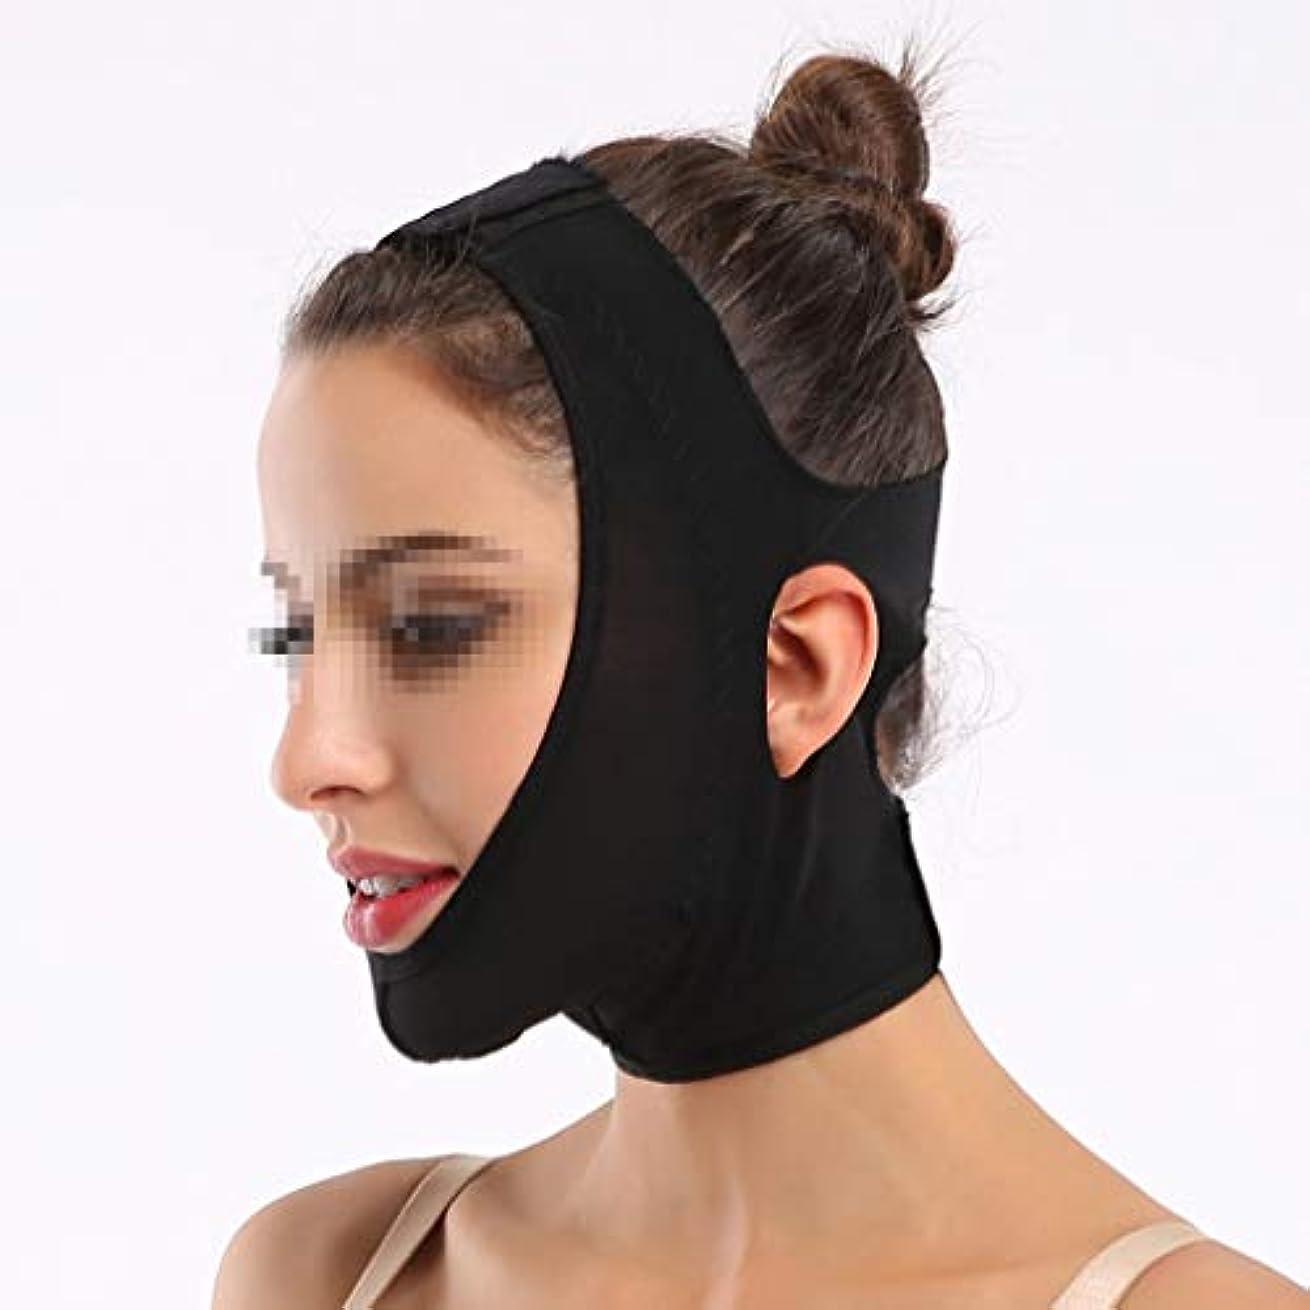 南アメリカ分類する土器Vフェイスマスク、包帯マスクを持ち上げて引き締めるスキニービューティーサロン1日2時間Vフェイスマッサージ術後回復